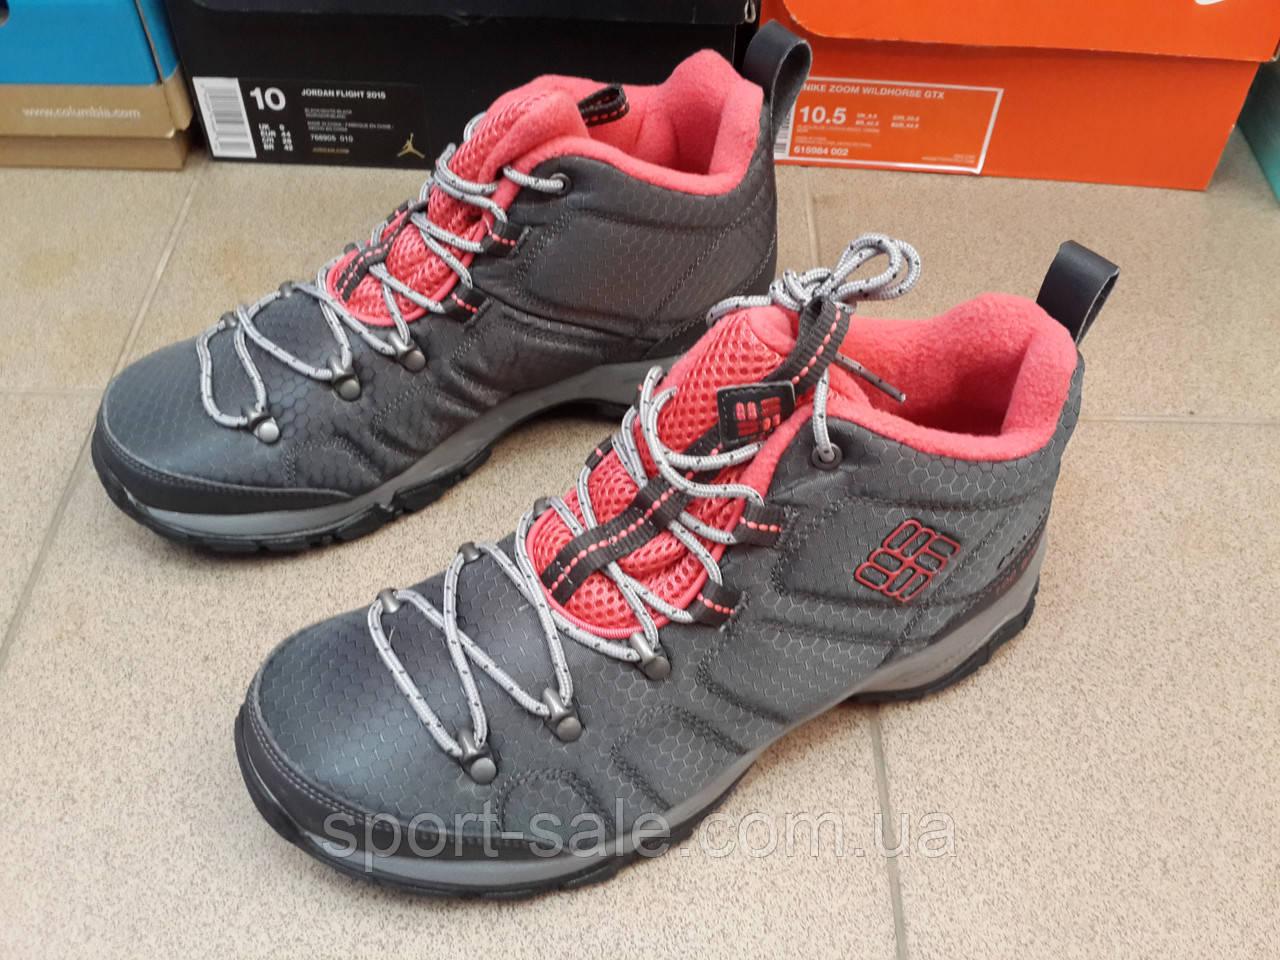 Ботинки Columbia Firecamp mid fleece YL5212-011 купить в Украине ... 4719cecd1a8e4